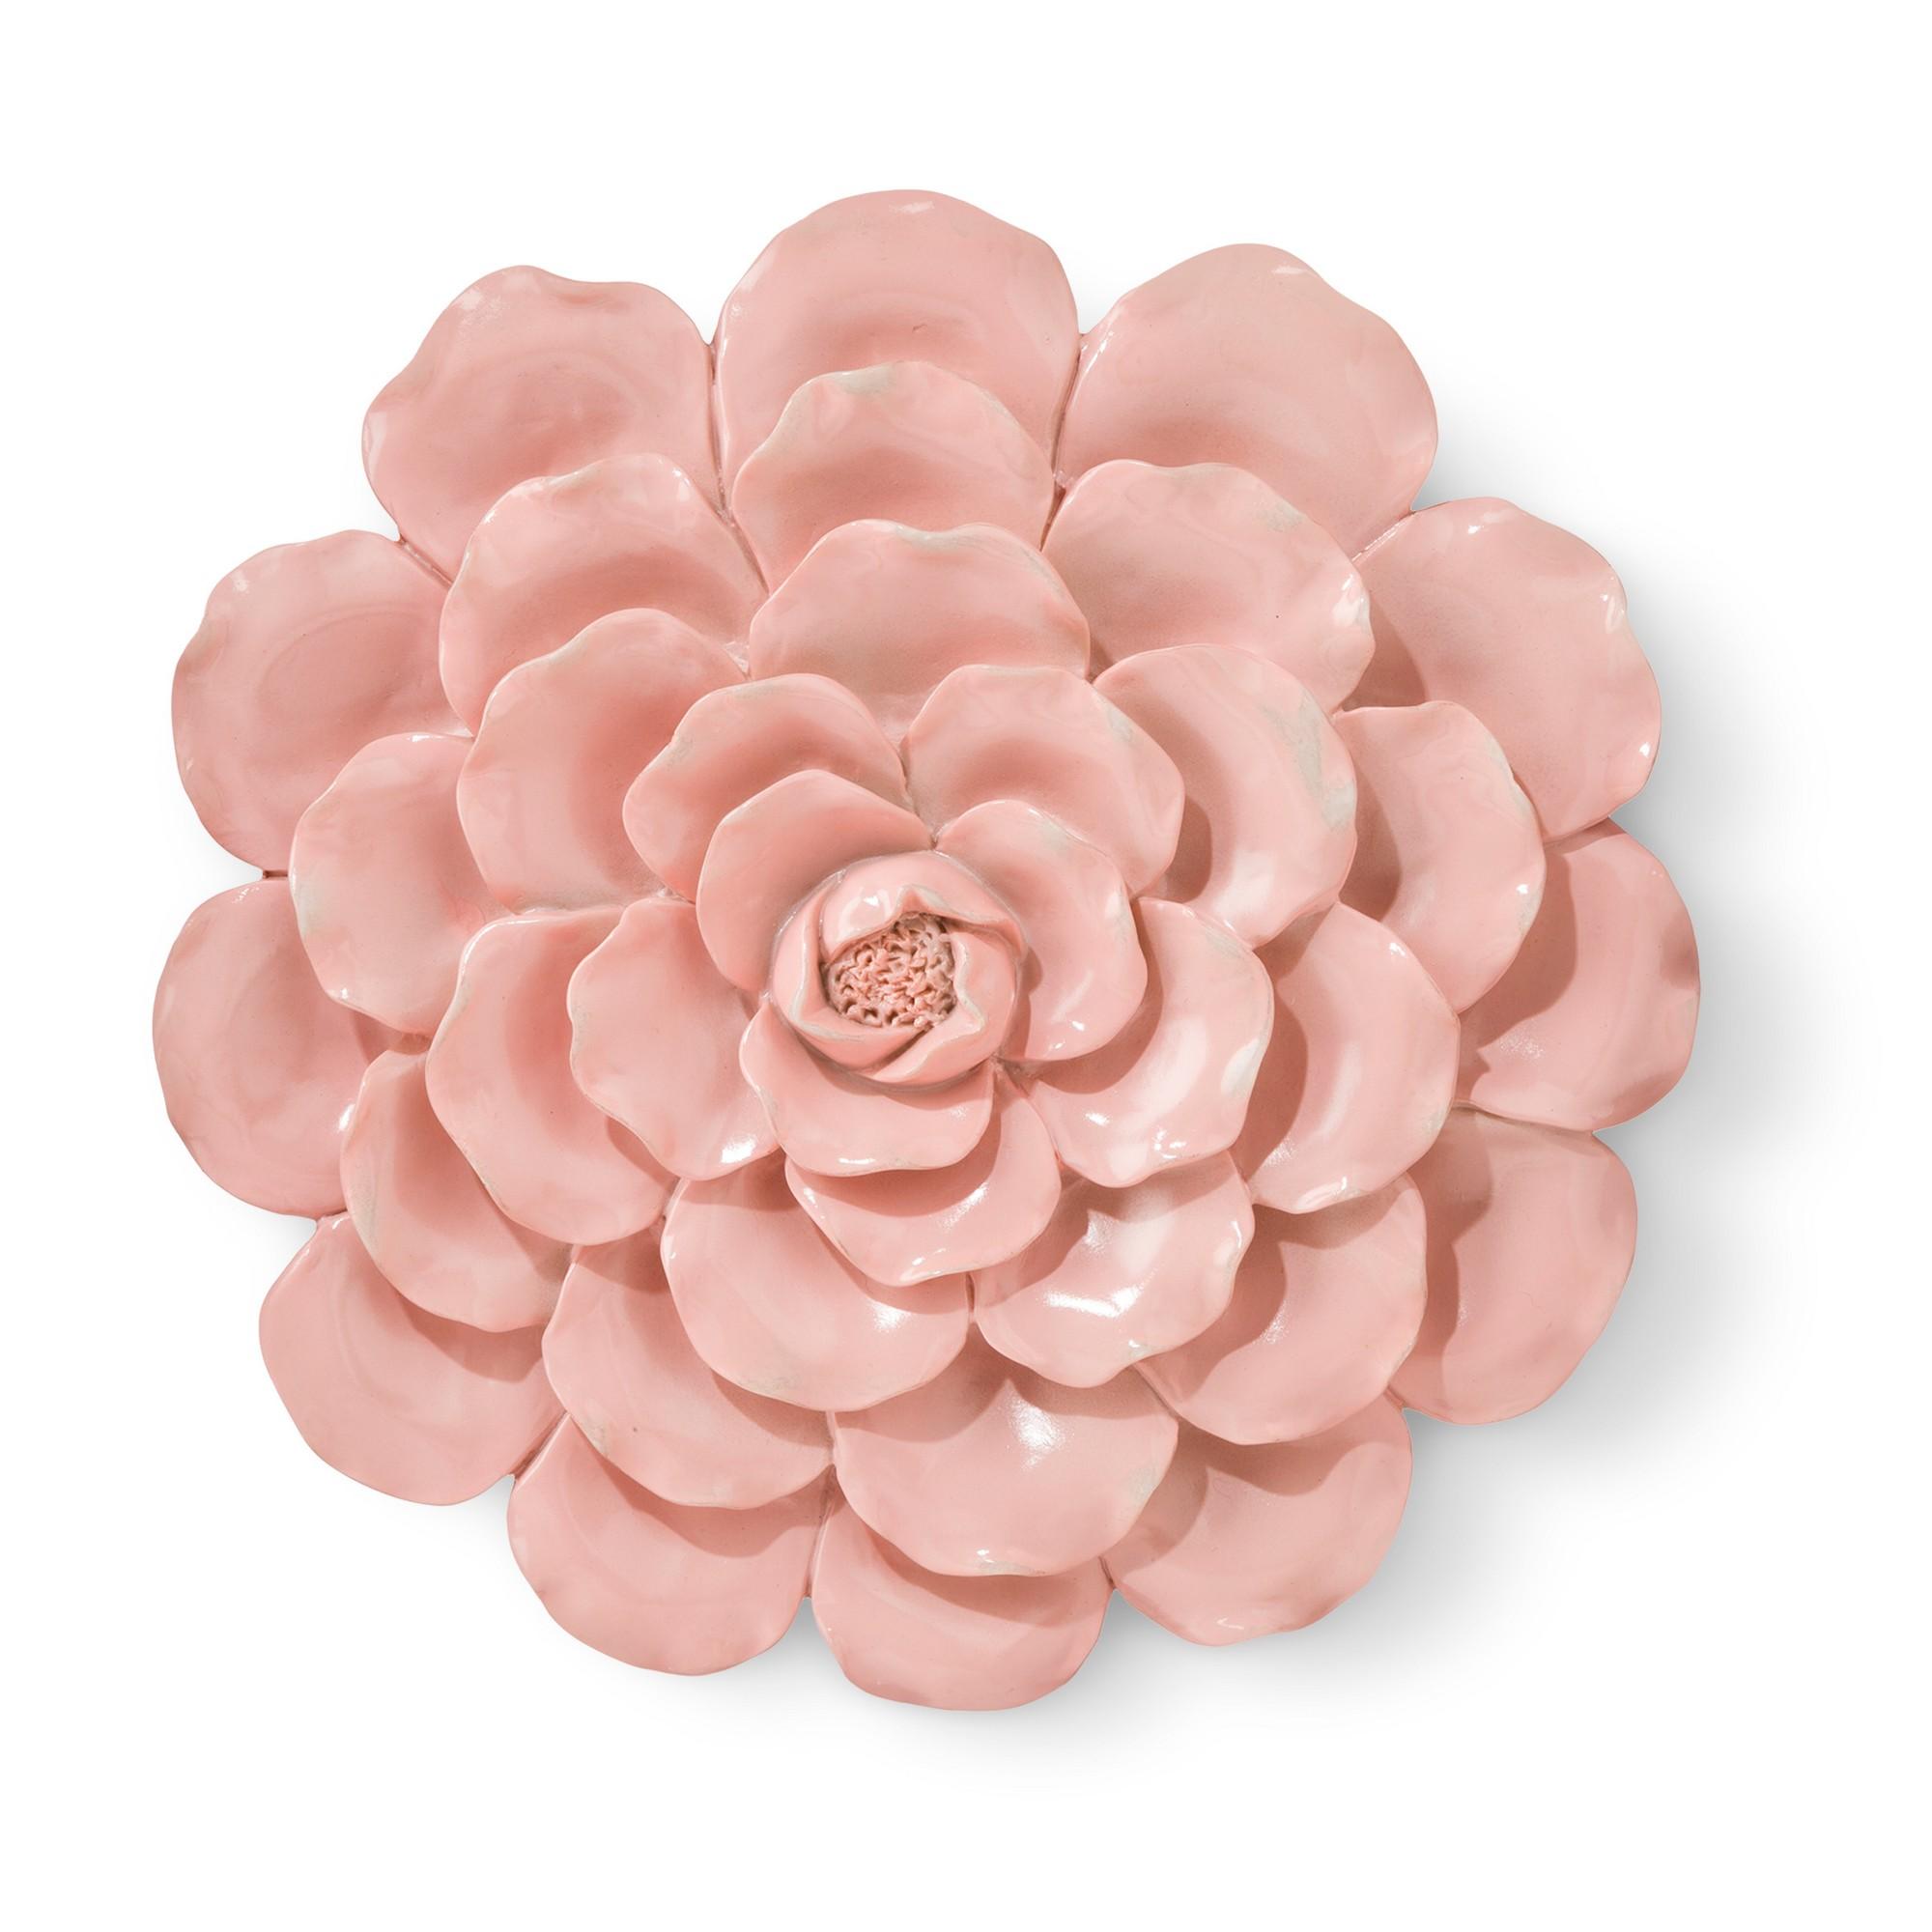 Pink Flower Wall Décor - Pillowfort   Flower wall decor, Flower wall, Pink flowers